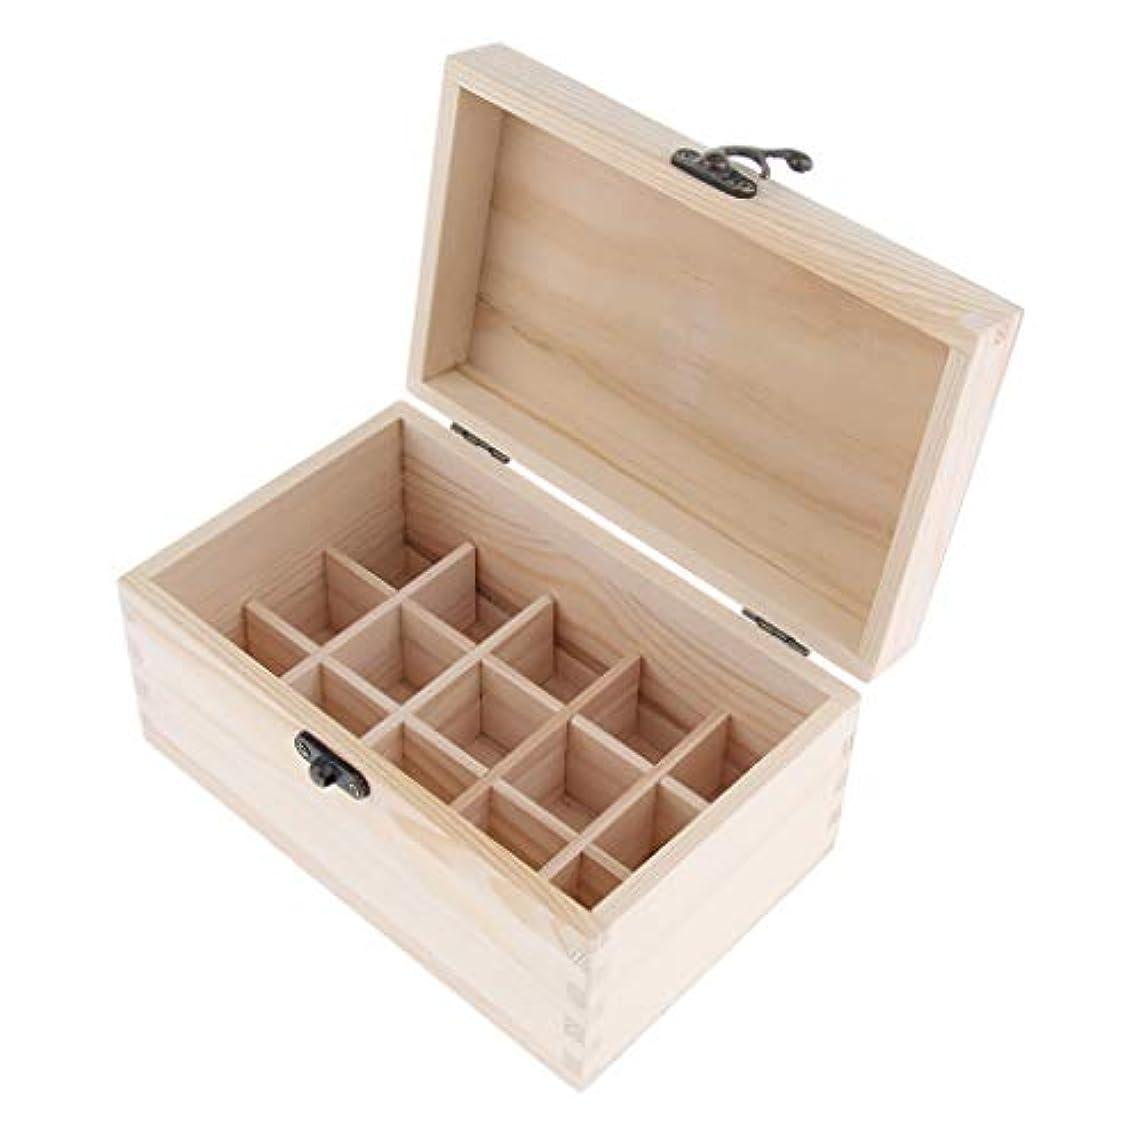 拮抗する太字マラウイchiwanji 精油ケース 化粧品収納ボックス 15仕切り 木製 エッセンシャルオイル コンパクト 携帯便利 実用性